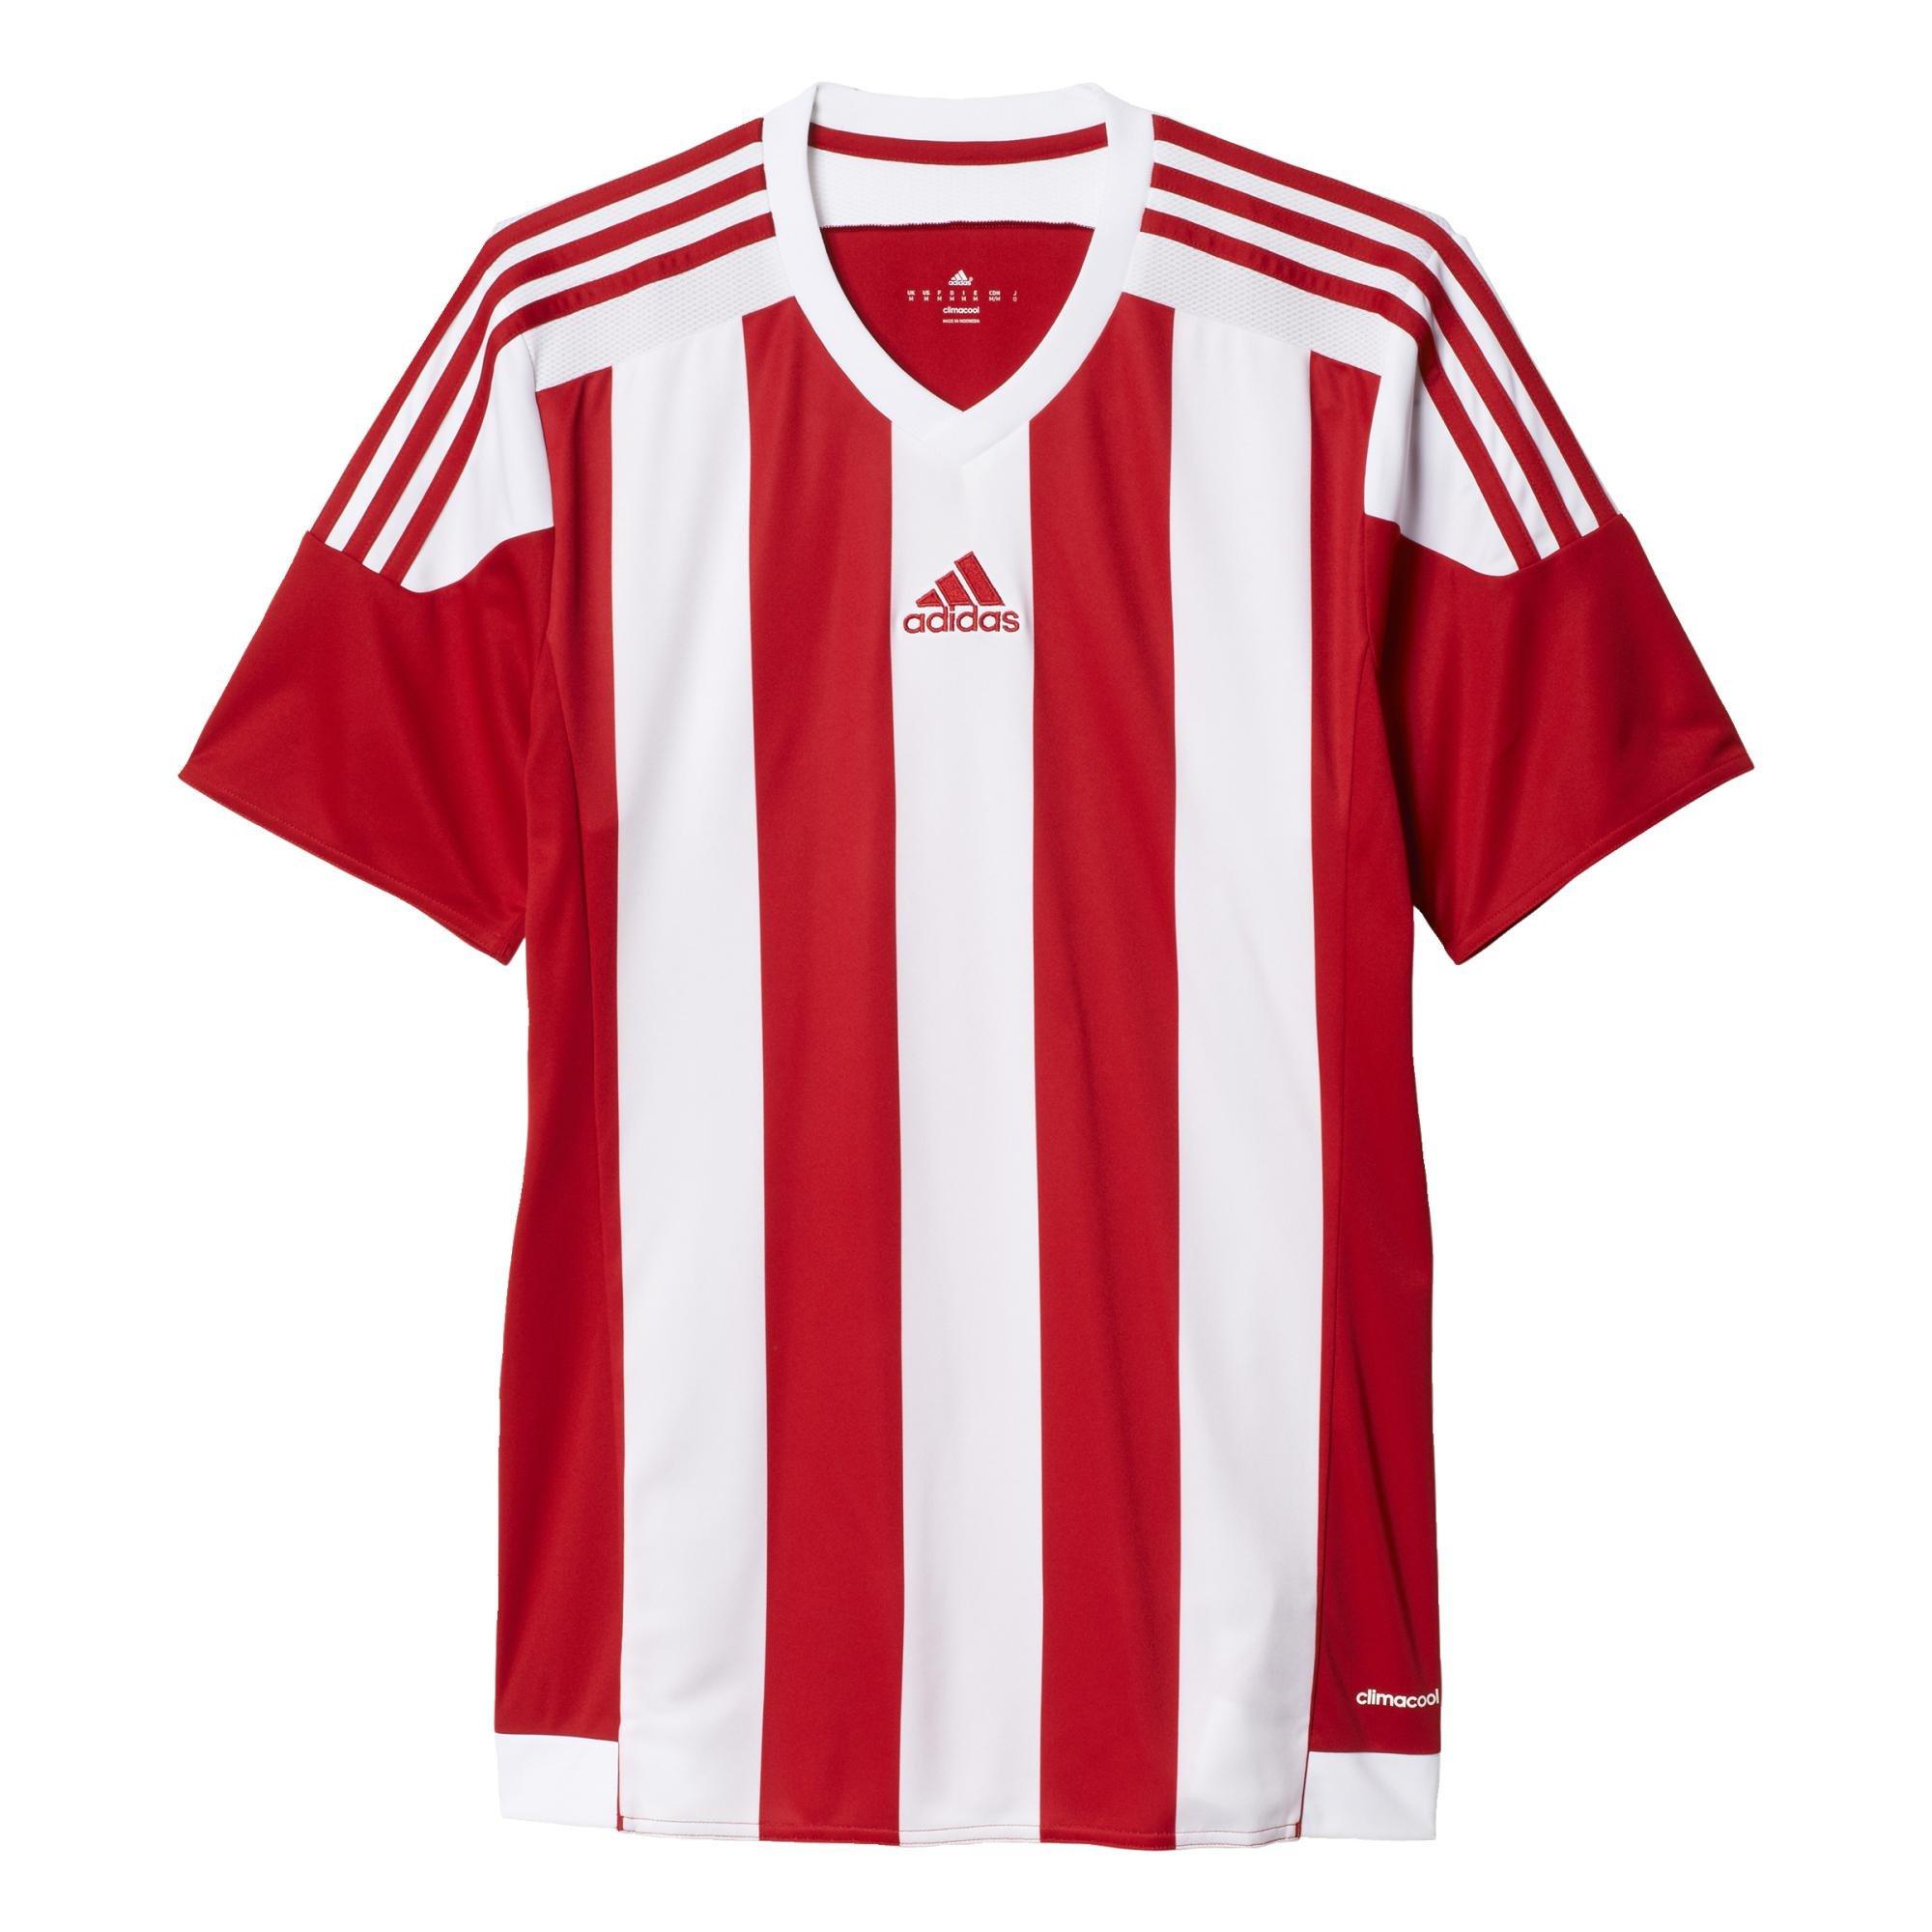 Disfruta jugando al fútbol con esta camiseta para hombre. Presenta un moderno corte entallado con